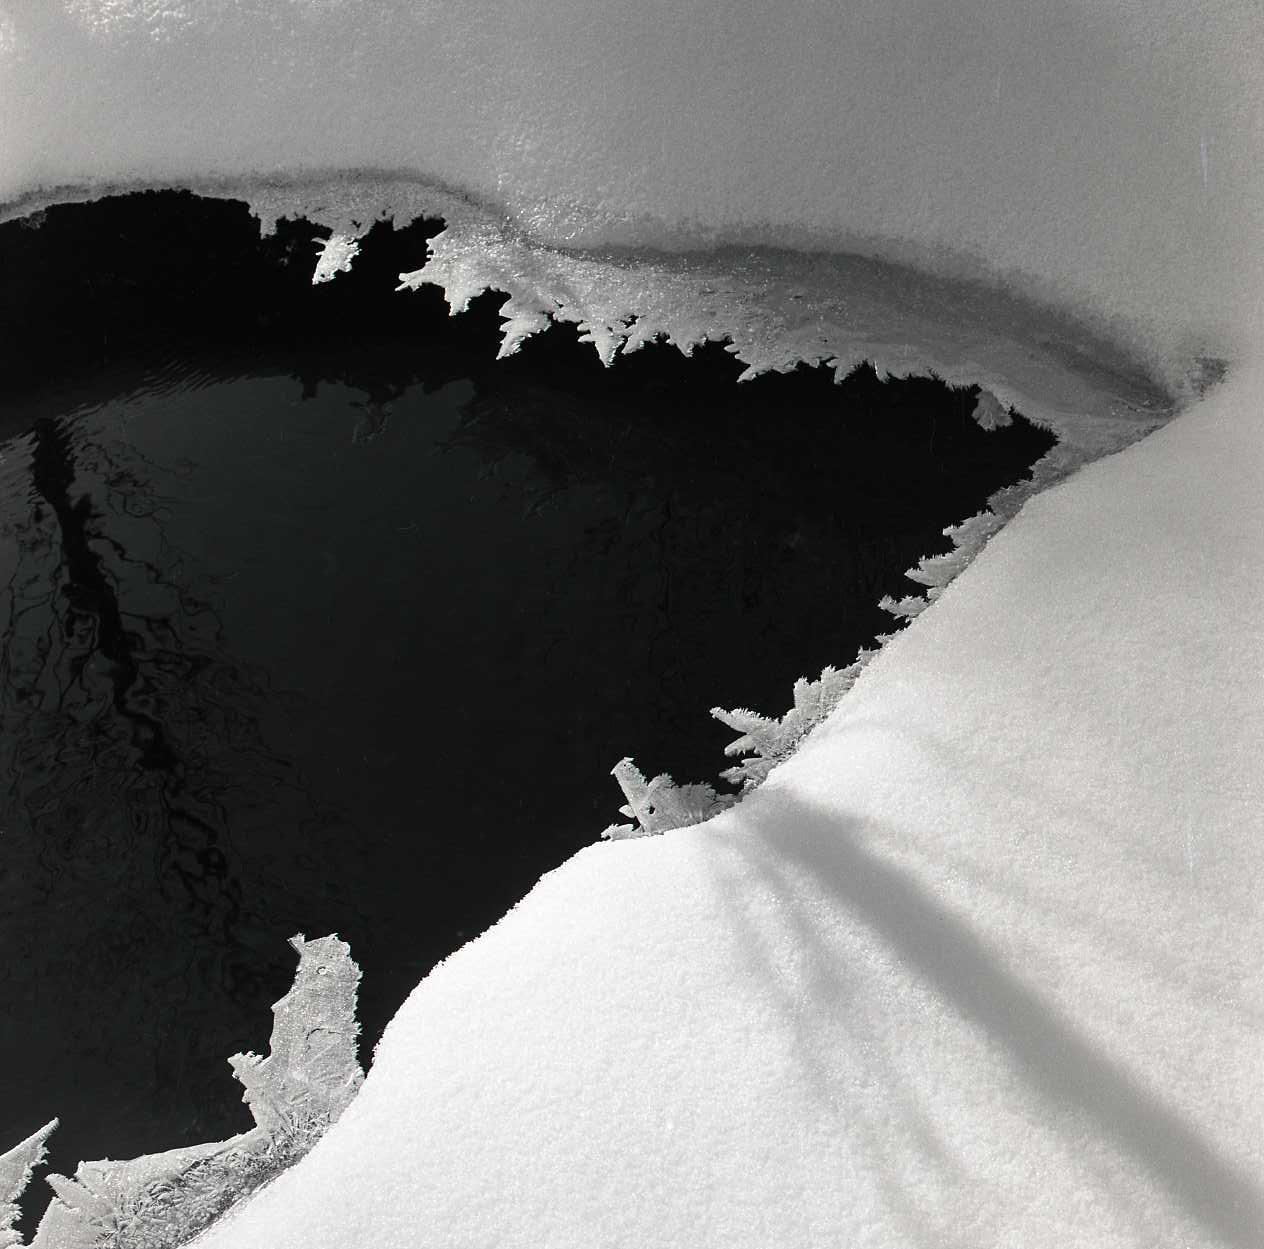 M 107 440: Vaken vid Höleån februari 1961. Foto: Hilding Mickelsson©